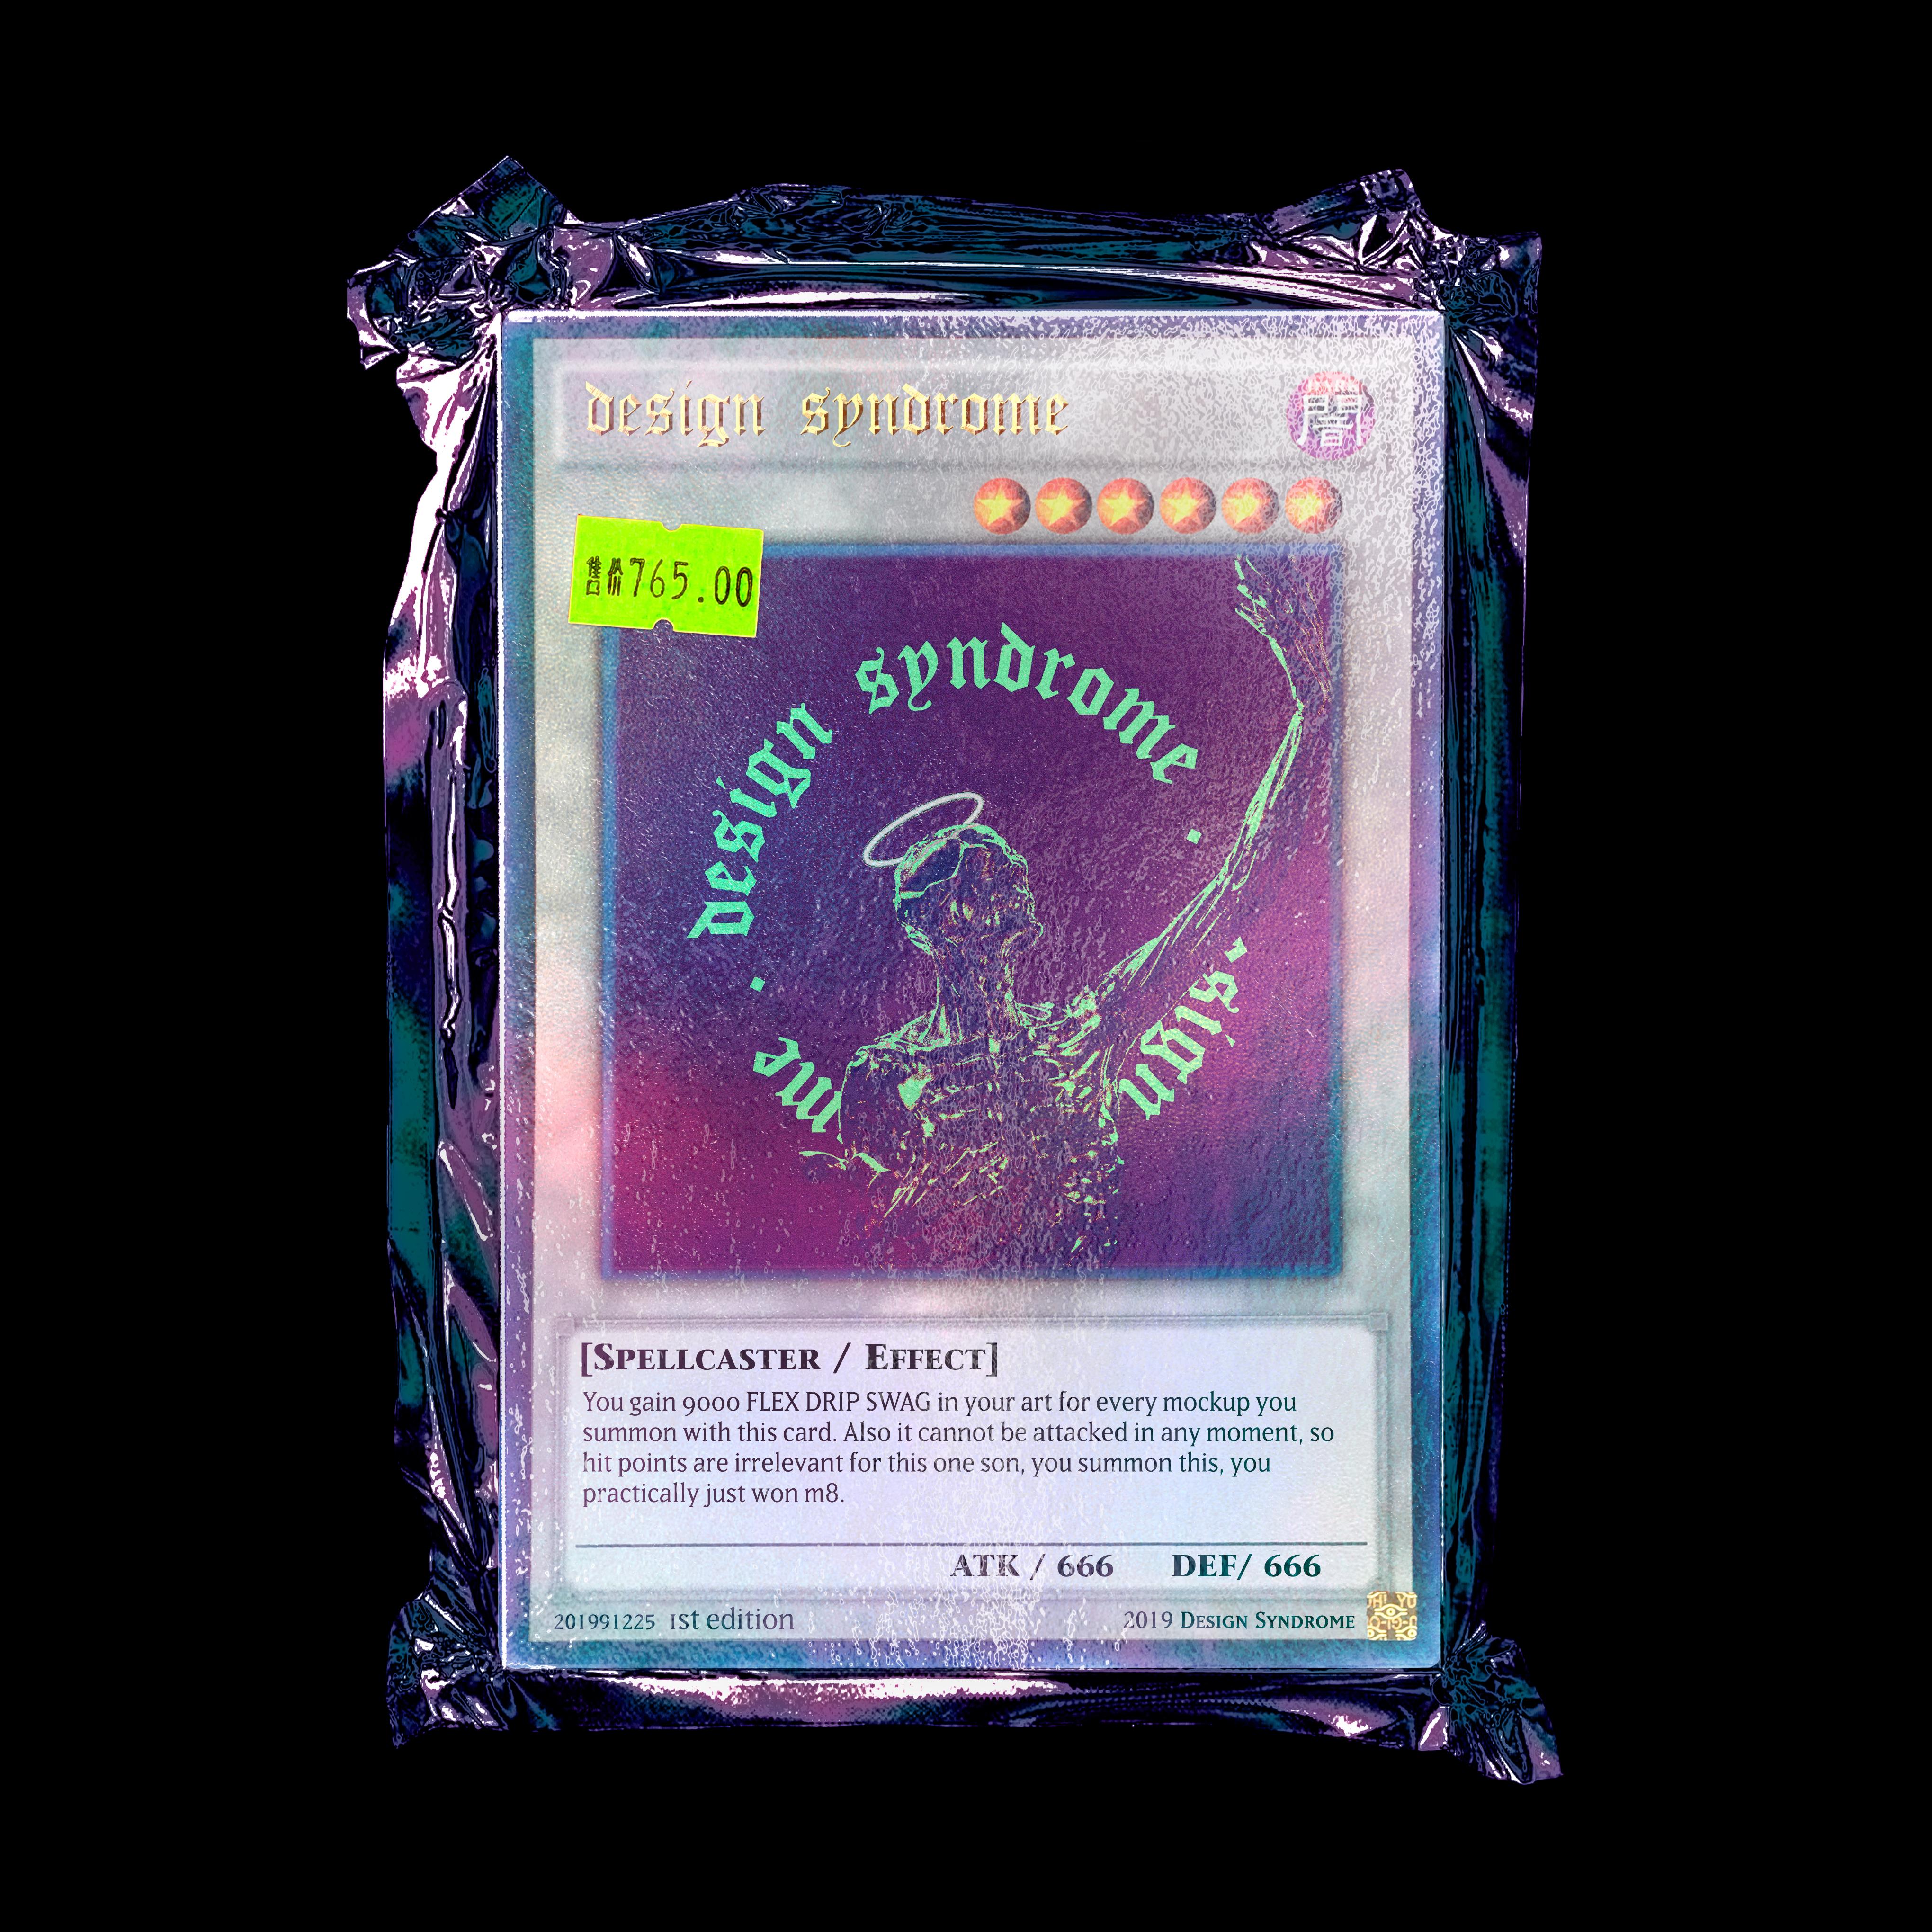 塑料真空塑封卡片包装袋设计贴图PSD样机模板 Yu-Gi Card Mockup插图(1)